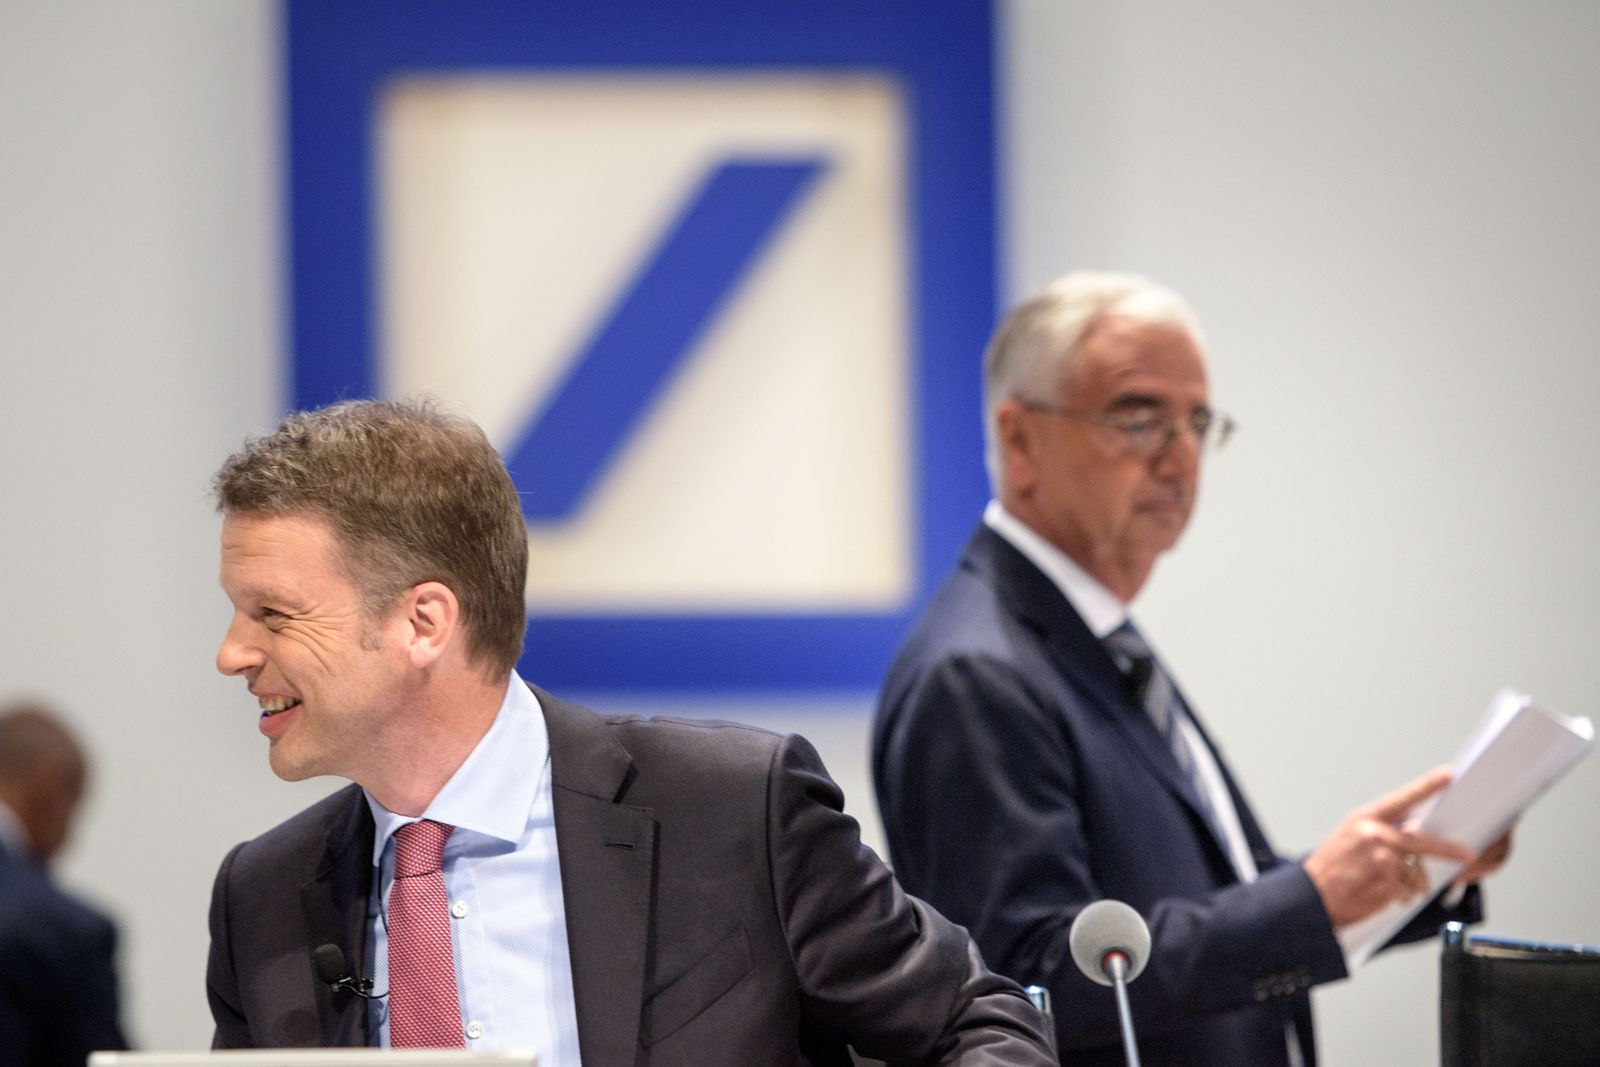 Deutsche Bank / Achleitner